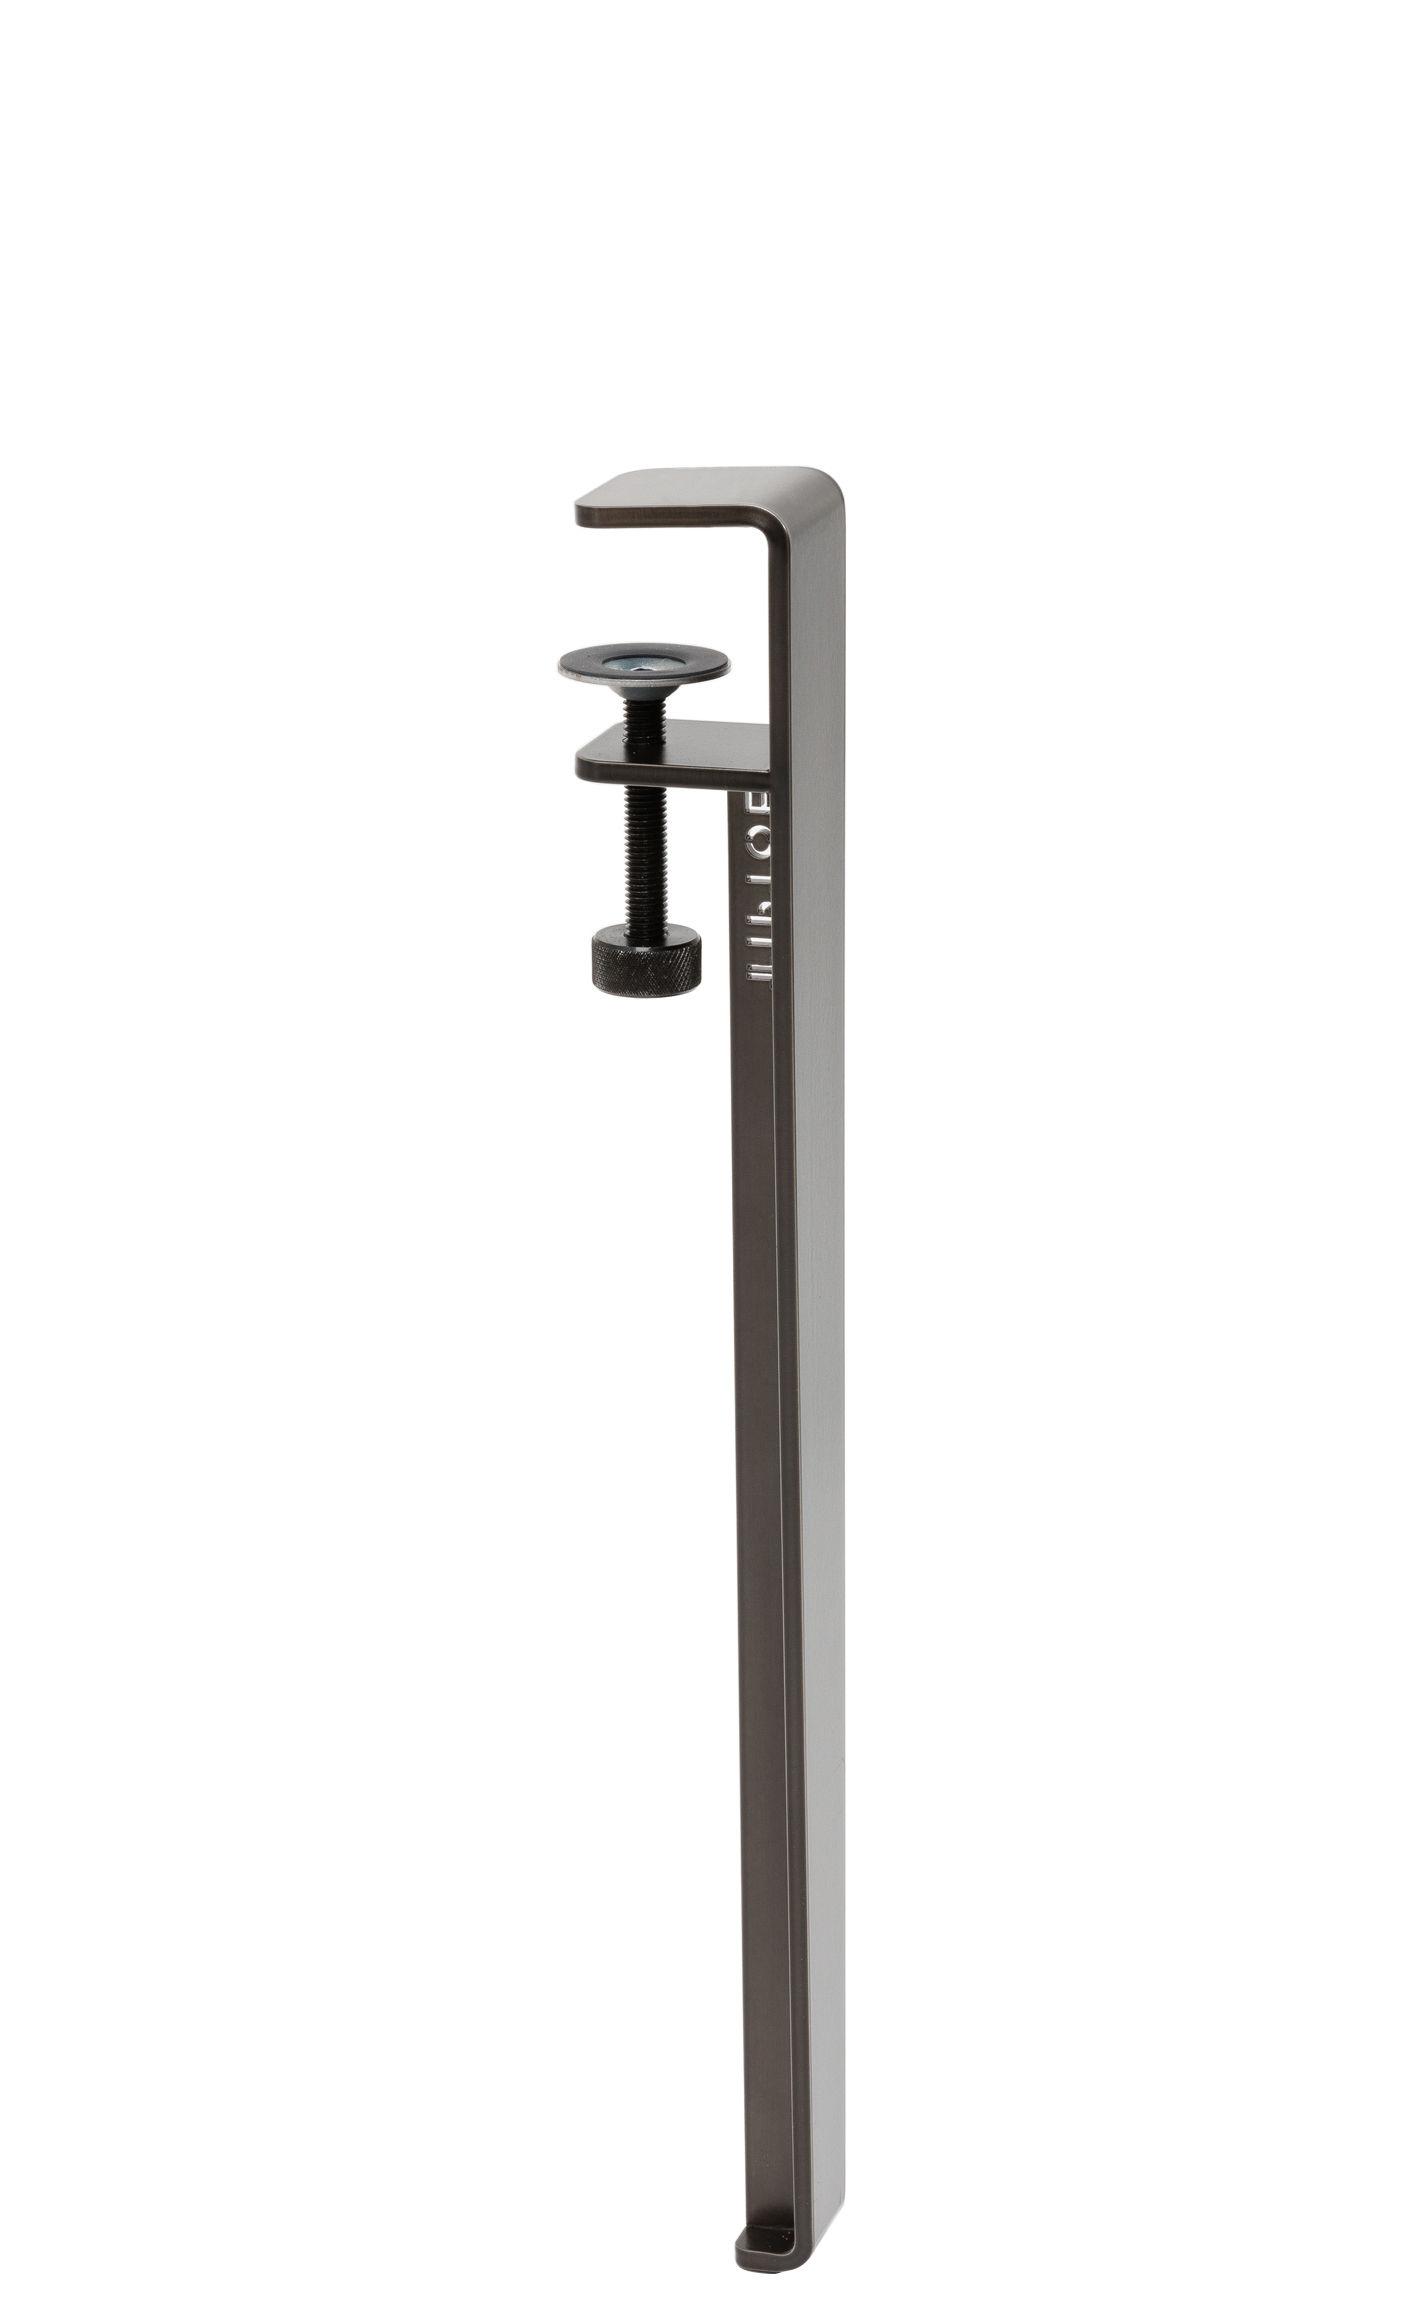 Mobilier - Tables basses - Pied avec fixation étau / H 43 cm - Pour créer tables basse & banc - TipToe - Acier patiné - Acier thermolaqué